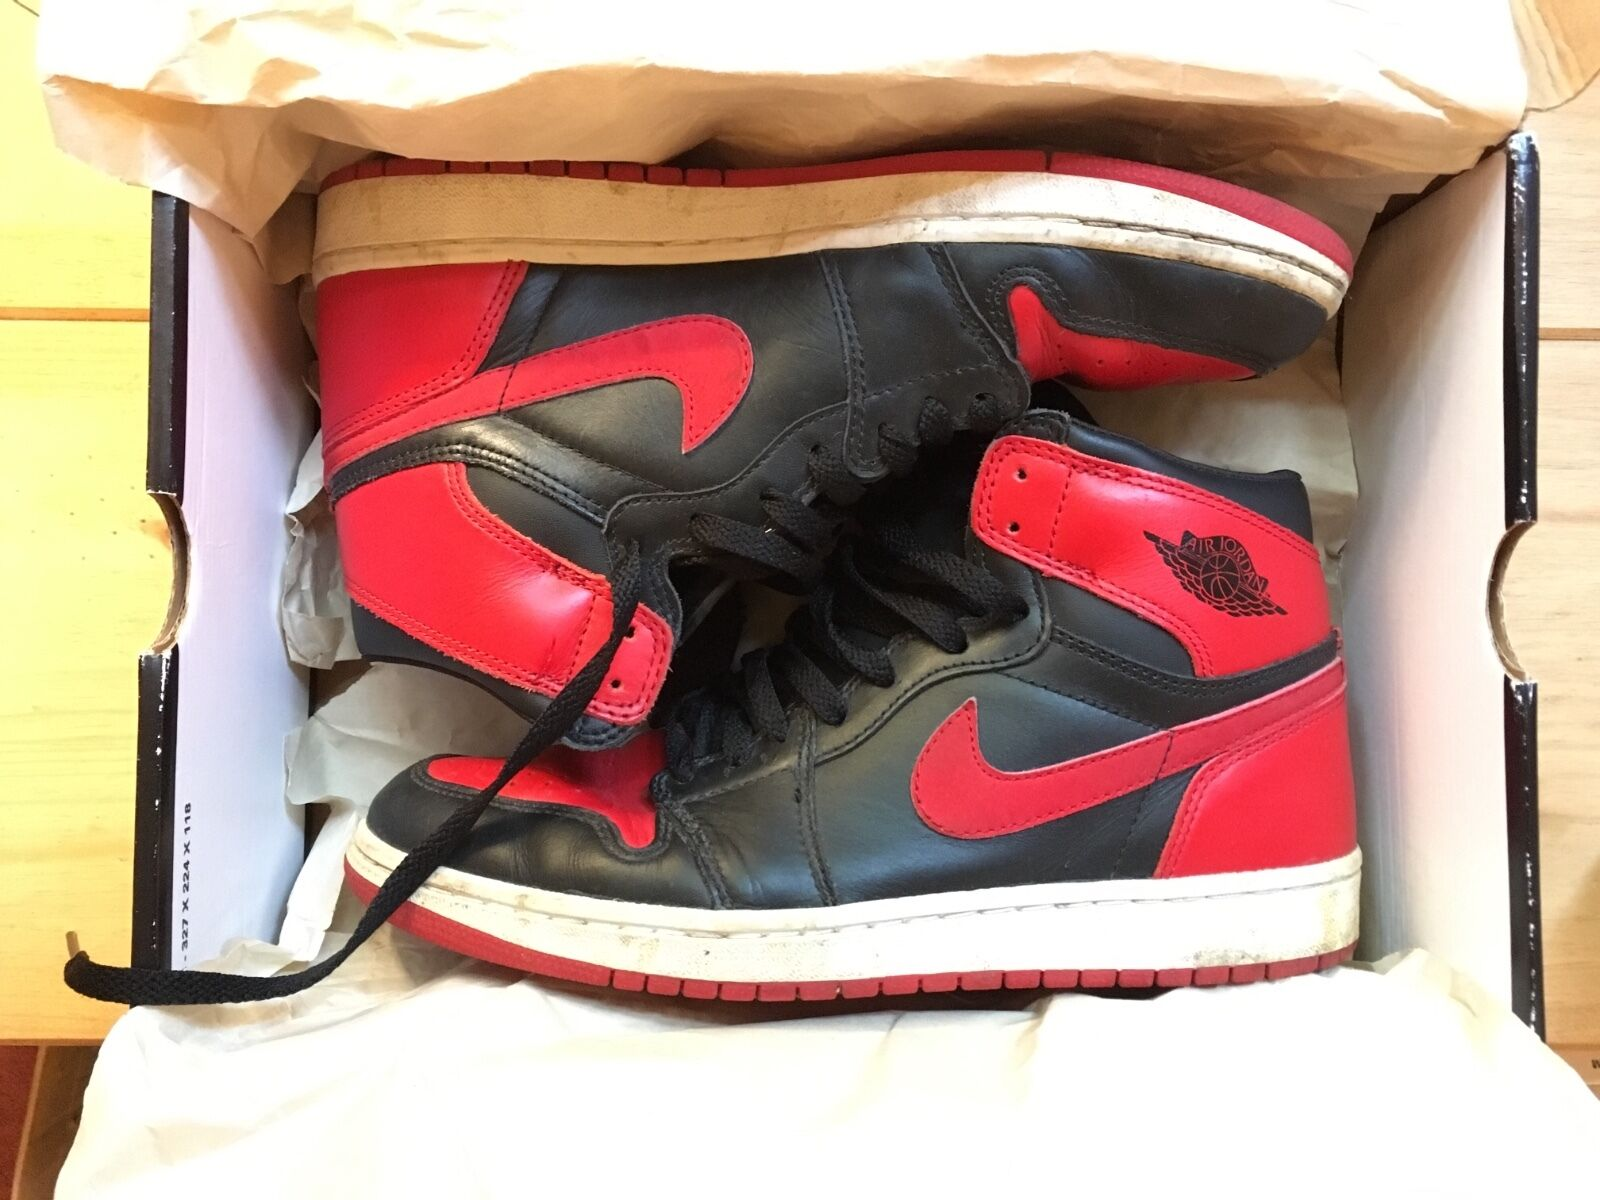 2001 Nike Air Jordan 1 Black and Red UK8 EU 42.5 US9